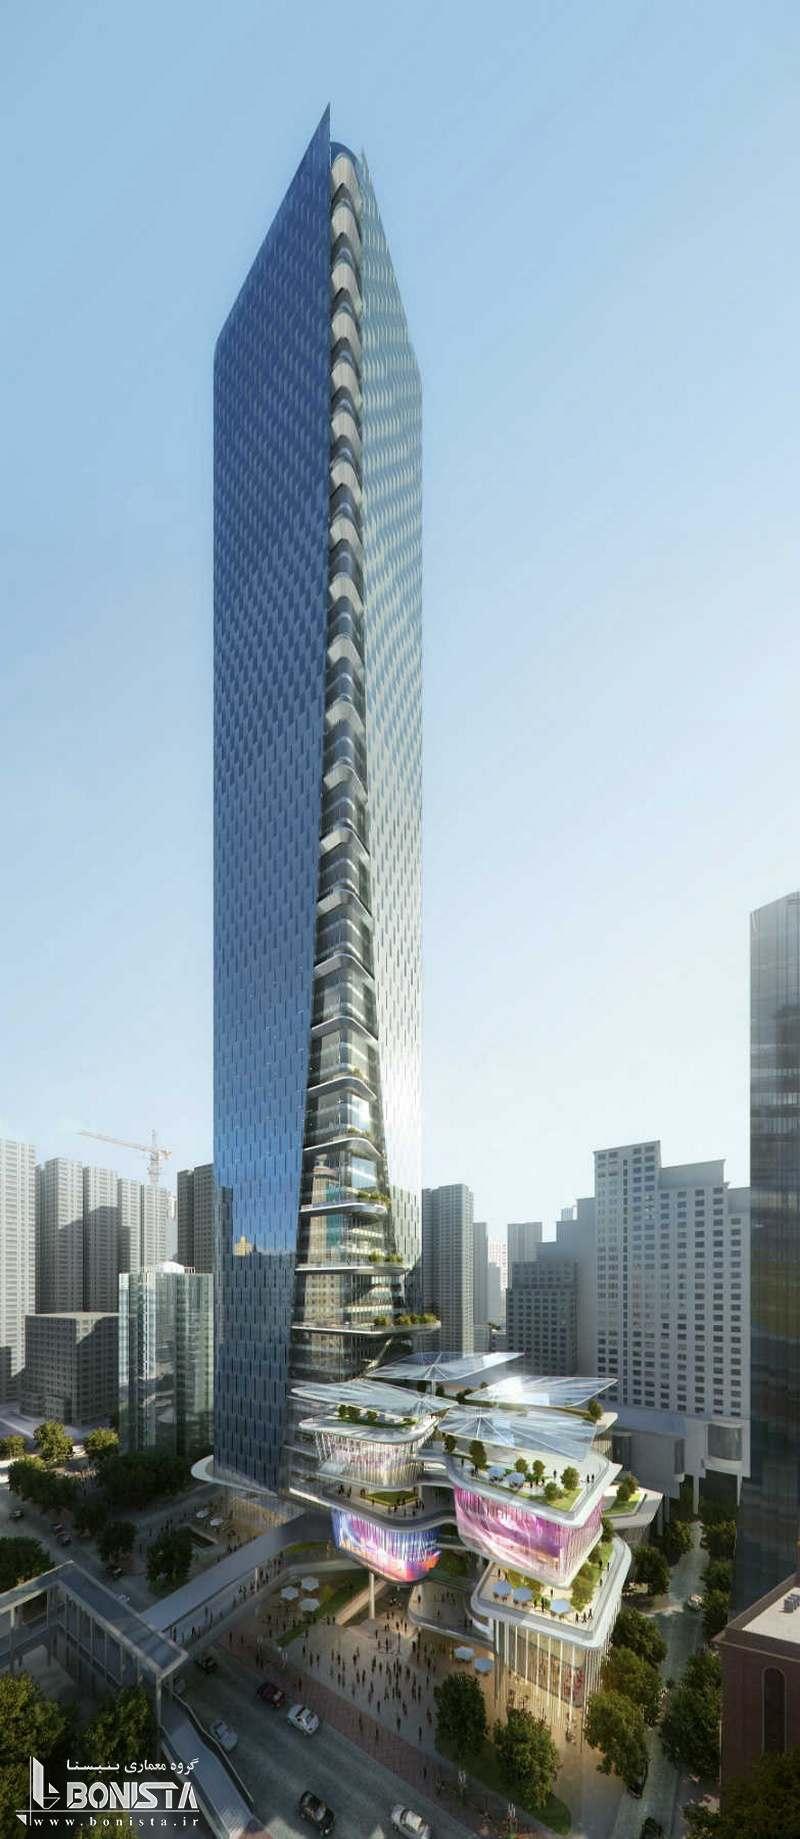 مرکز بازرگانی لوهو فرندشیپ در شنجن چین